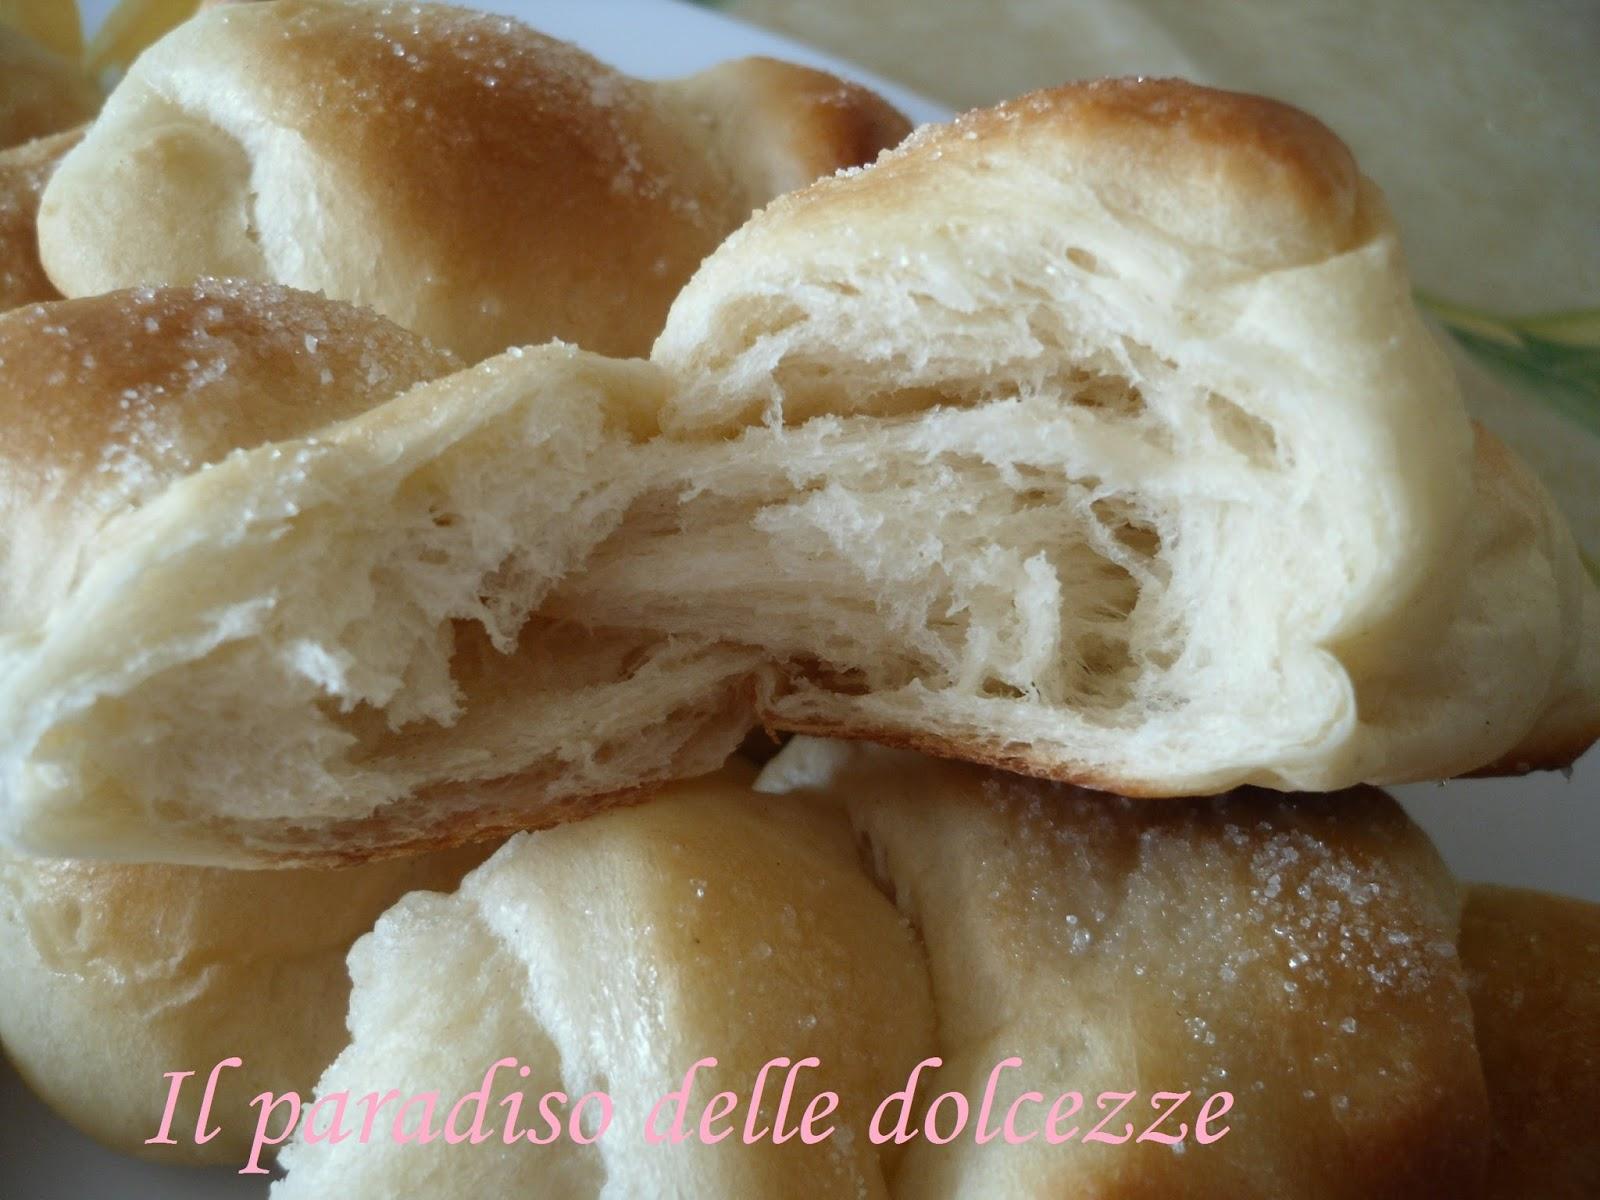 Il paradiso delle dolcezze le brioches pi soffici del mondo - Loredana in cucina ...